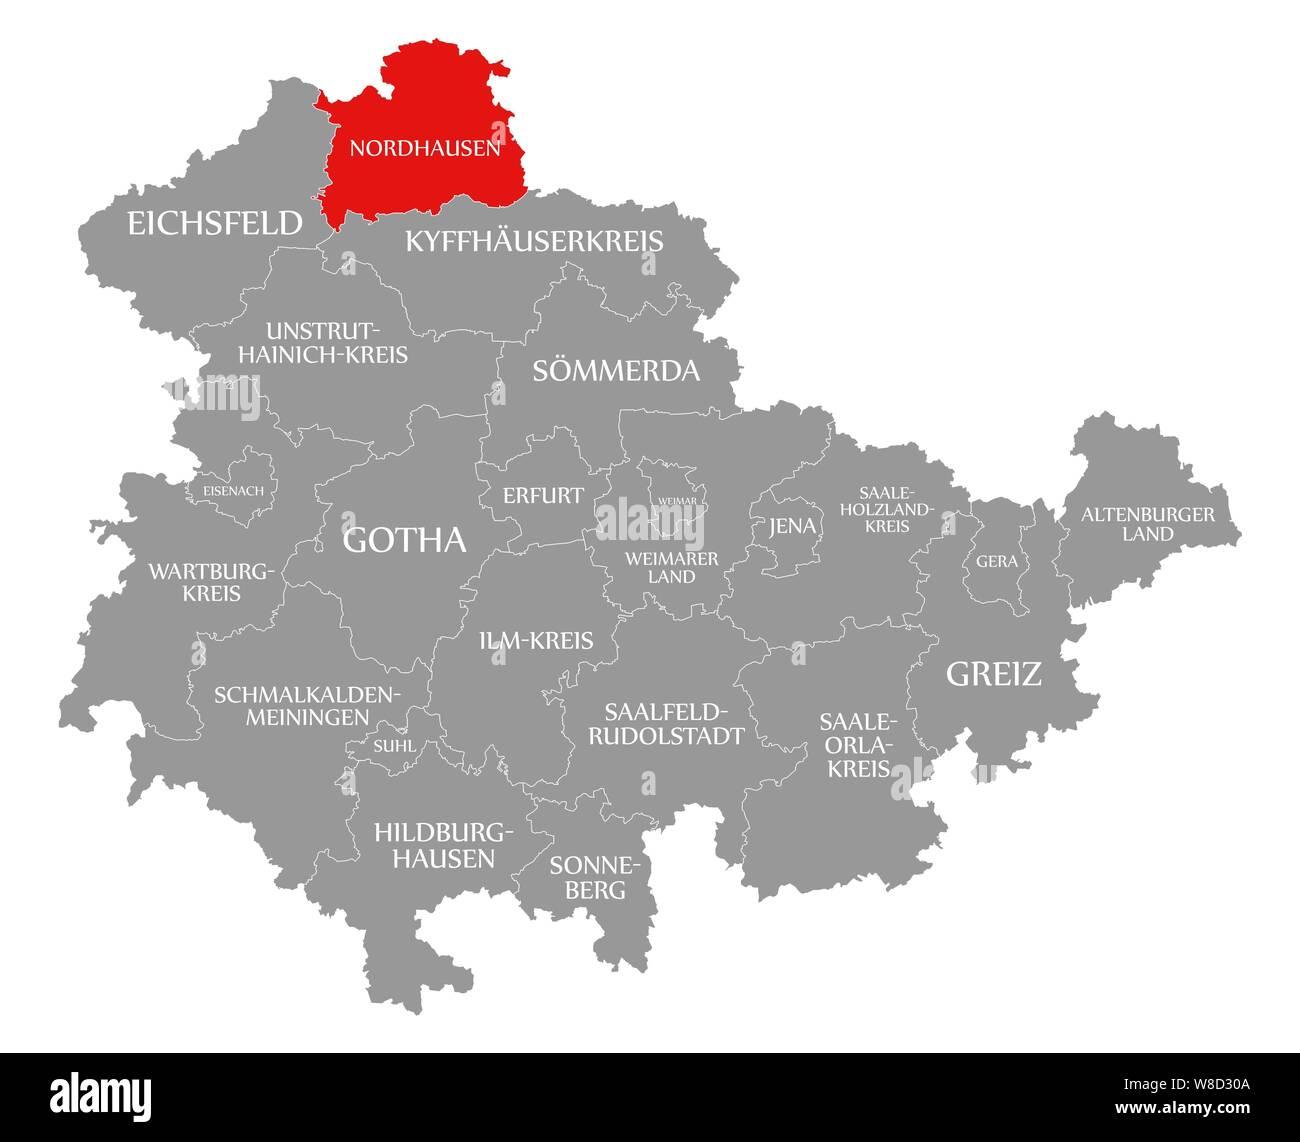 Nordhausen Karte.Nordhausen Stockfotos Nordhausen Bilder Alamy